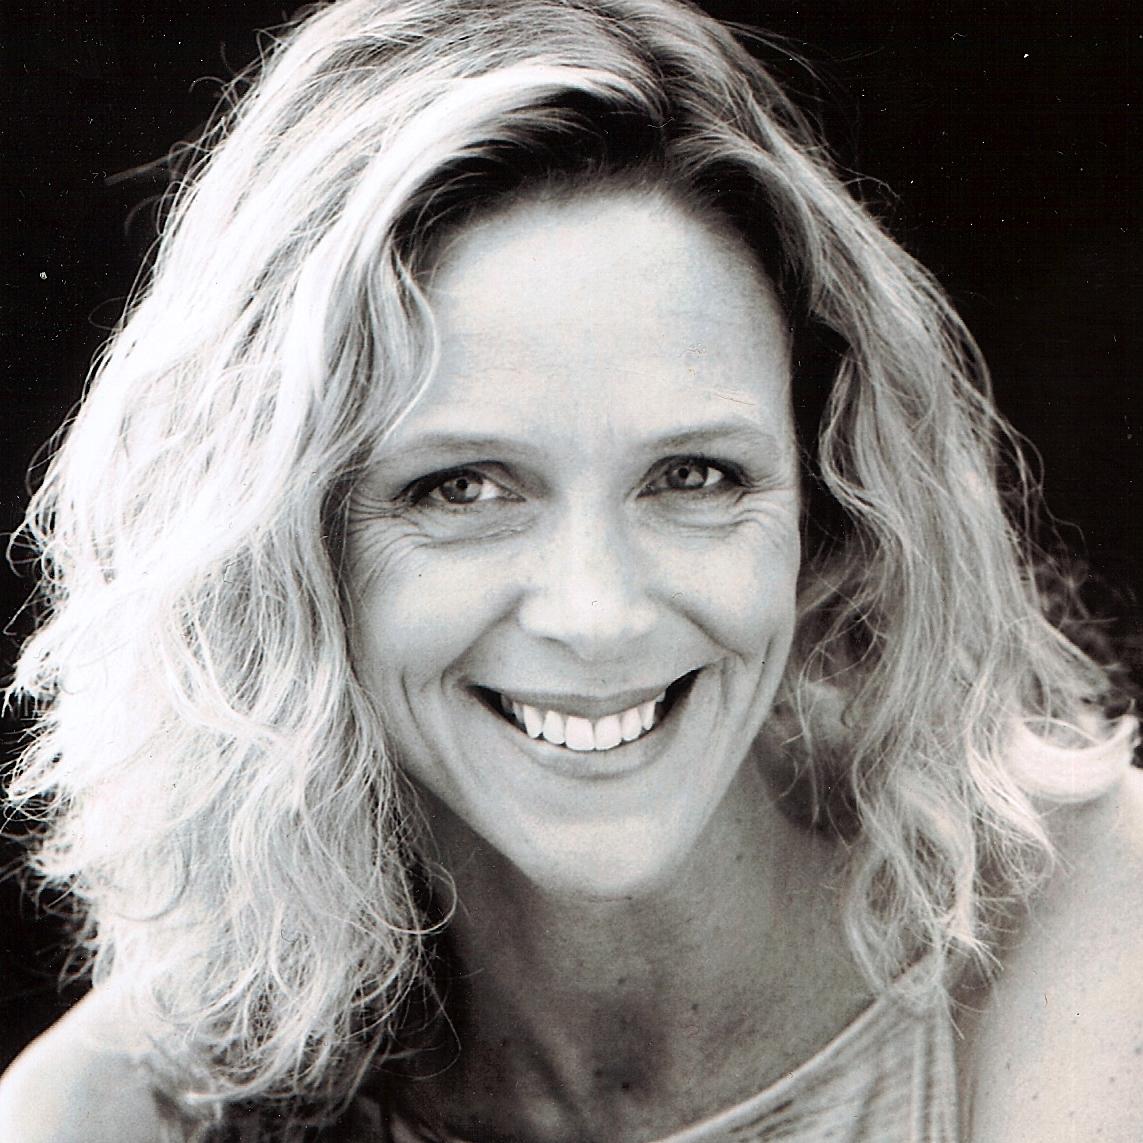 Heidi Lynne Staley